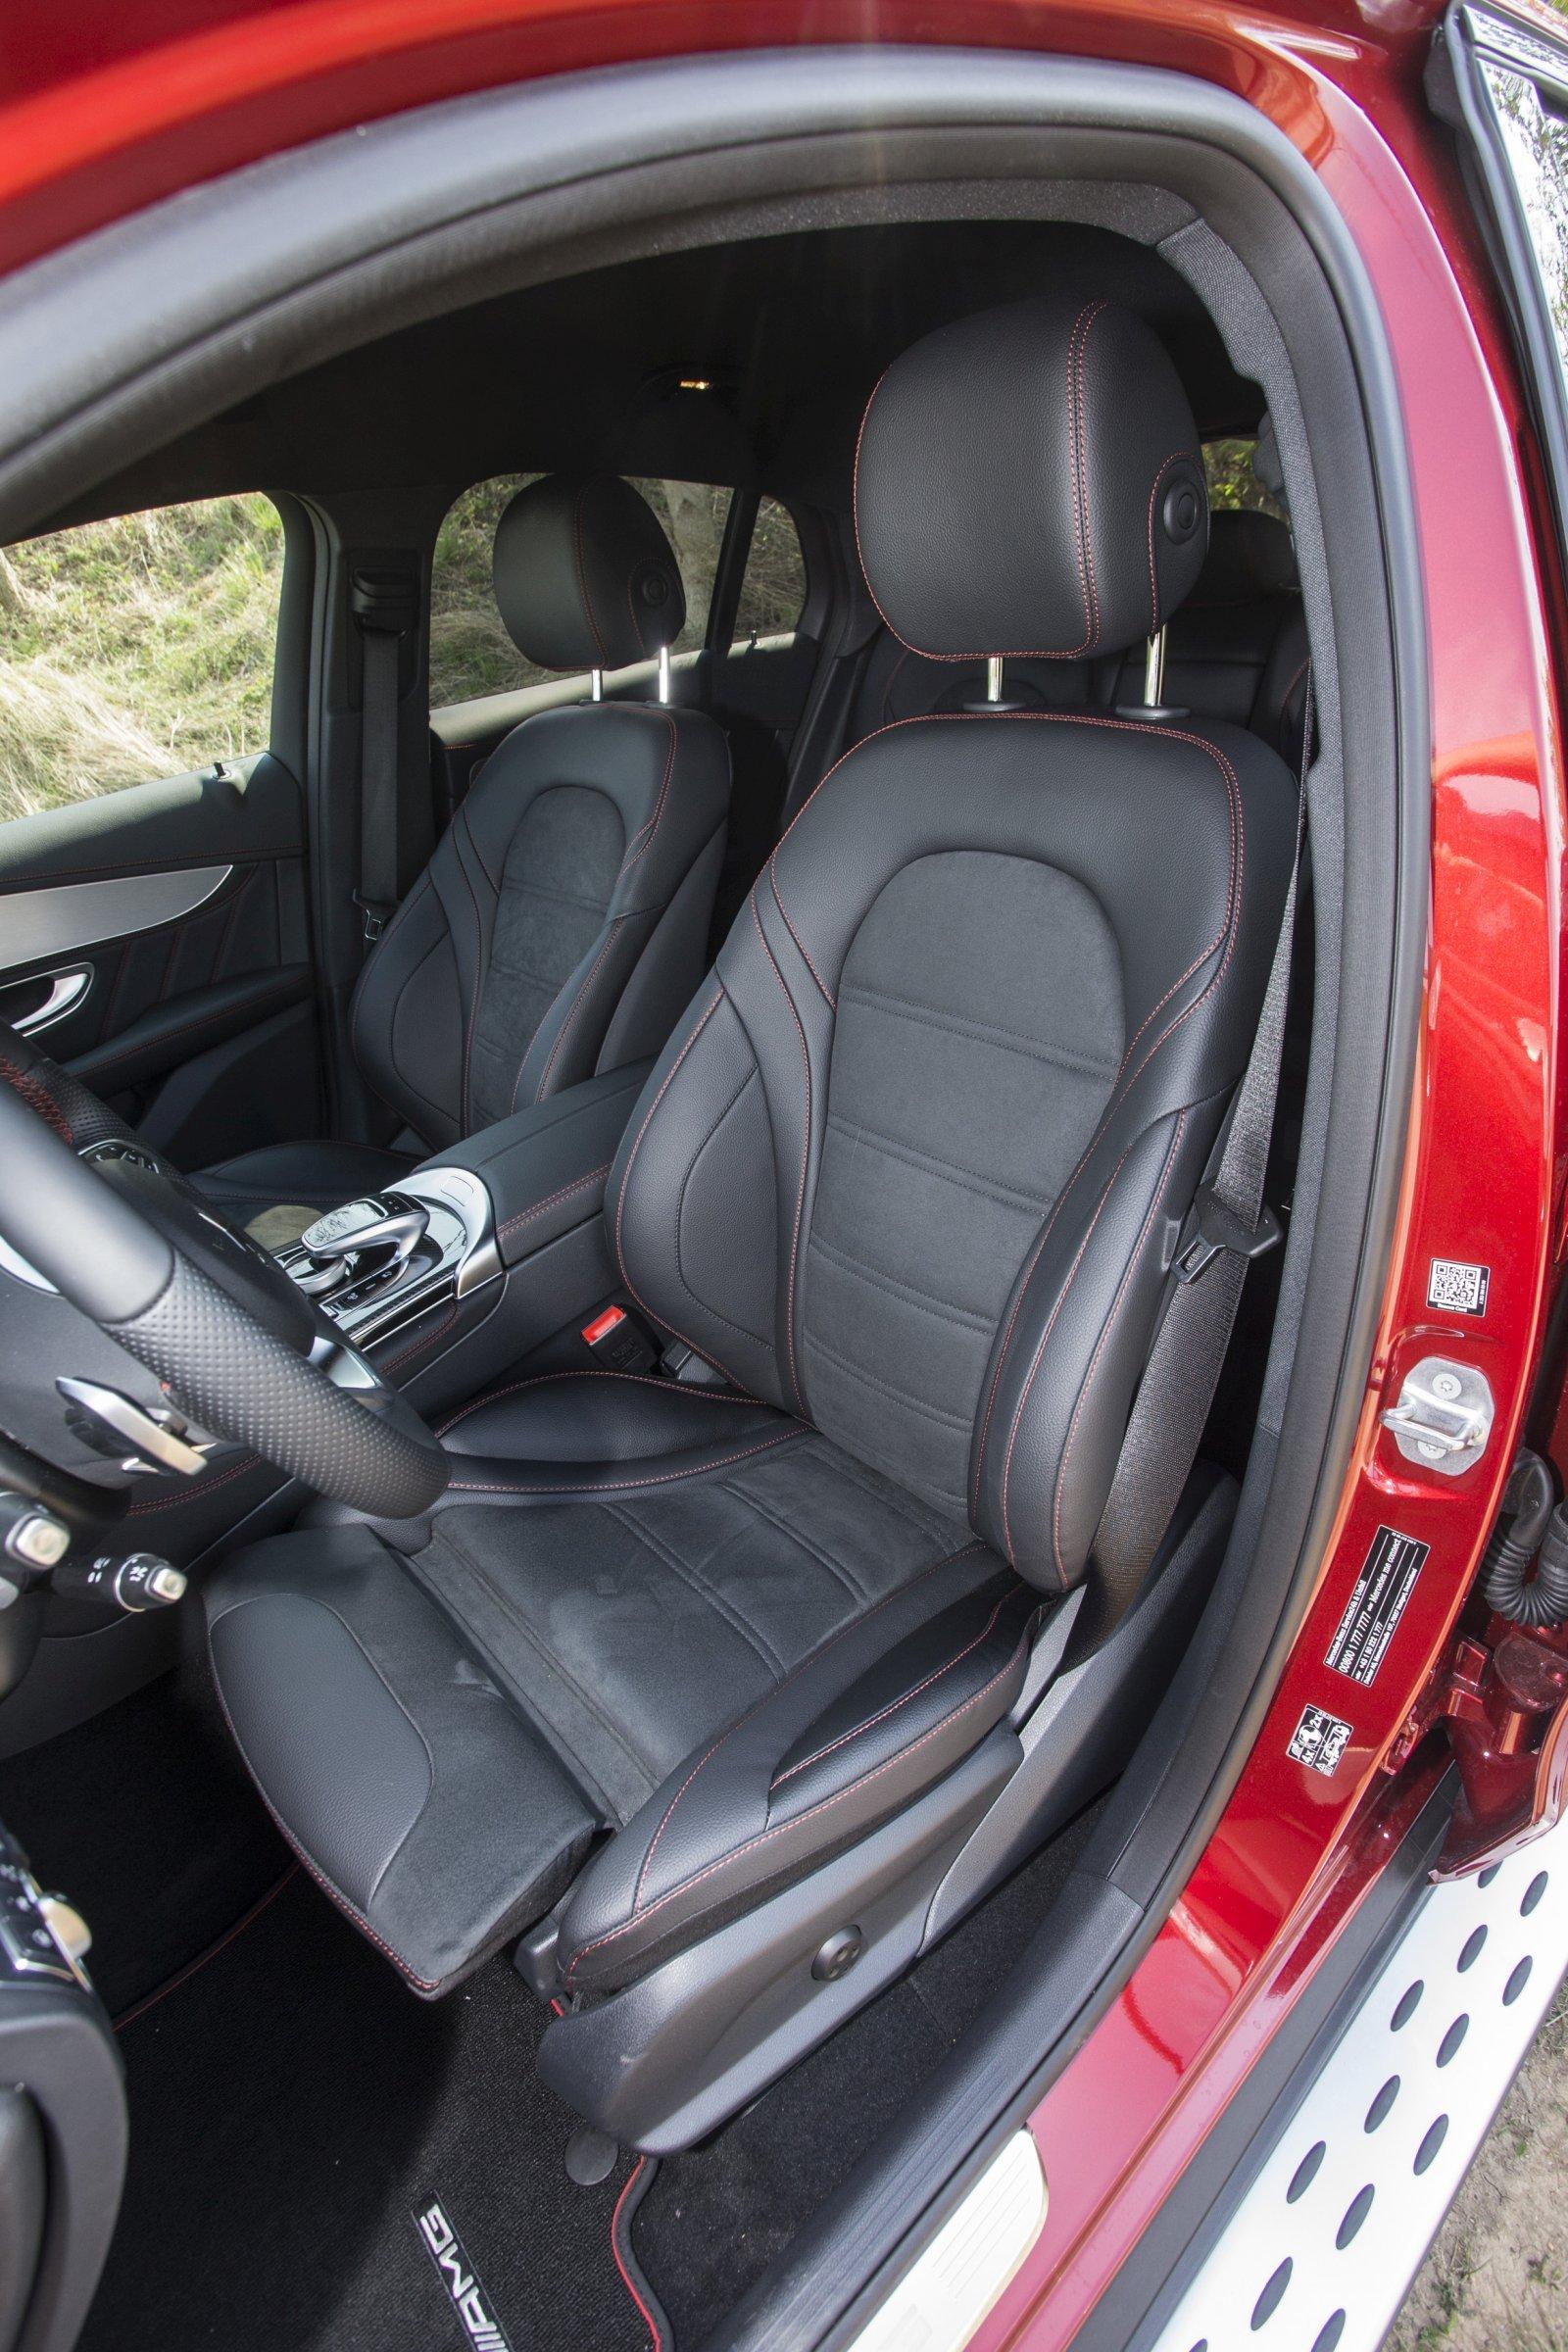 Test Mercedes Amg Glc 43 4matic Coupé Alles Auto